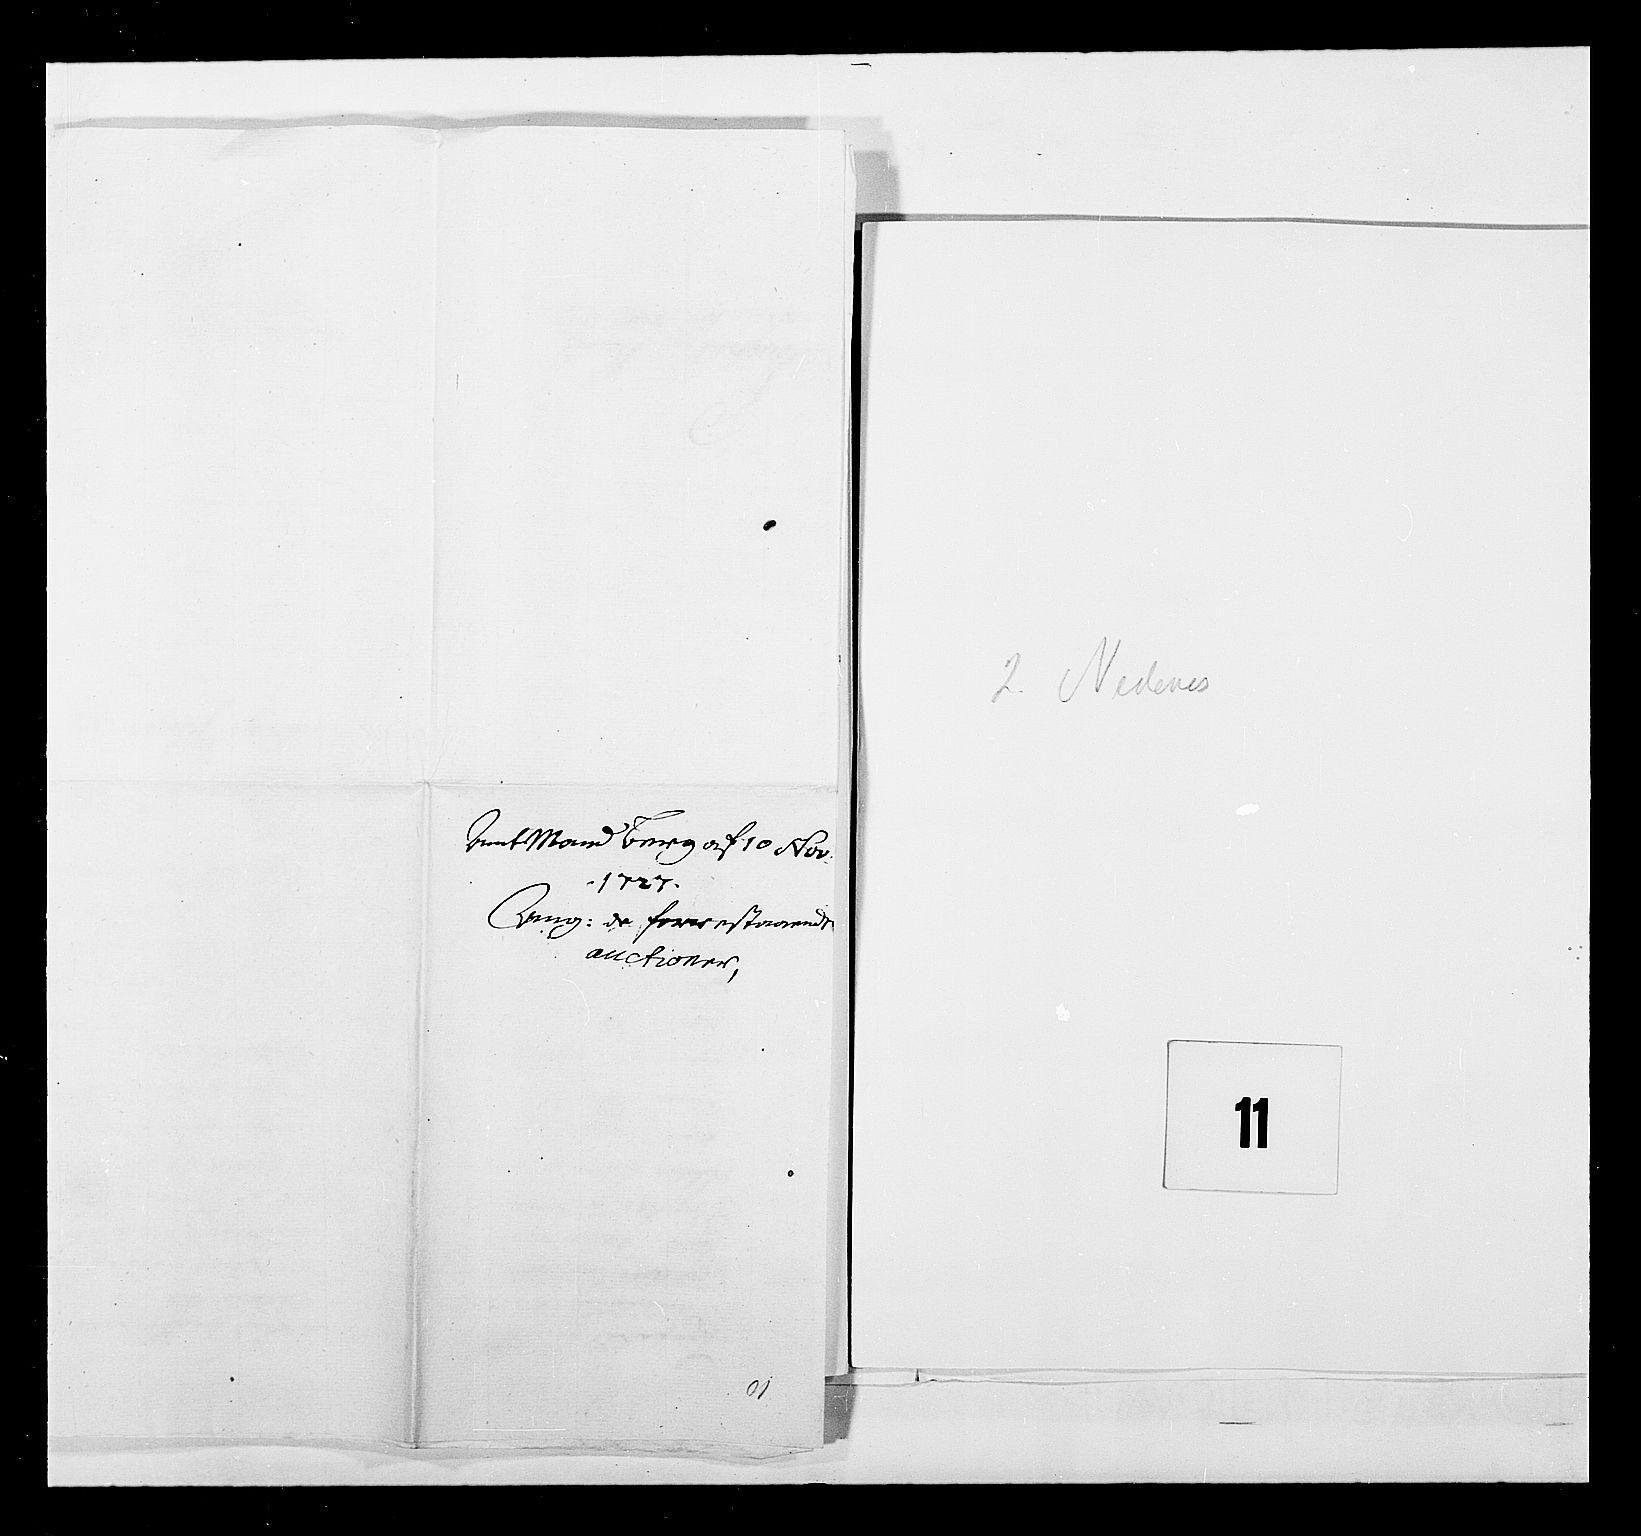 RA, Stattholderembetet 1572-1771, Ek/L0040: Jordebøker o.a. 1720-1728 vedkommende krongodset:, 1726-1727, s. 23